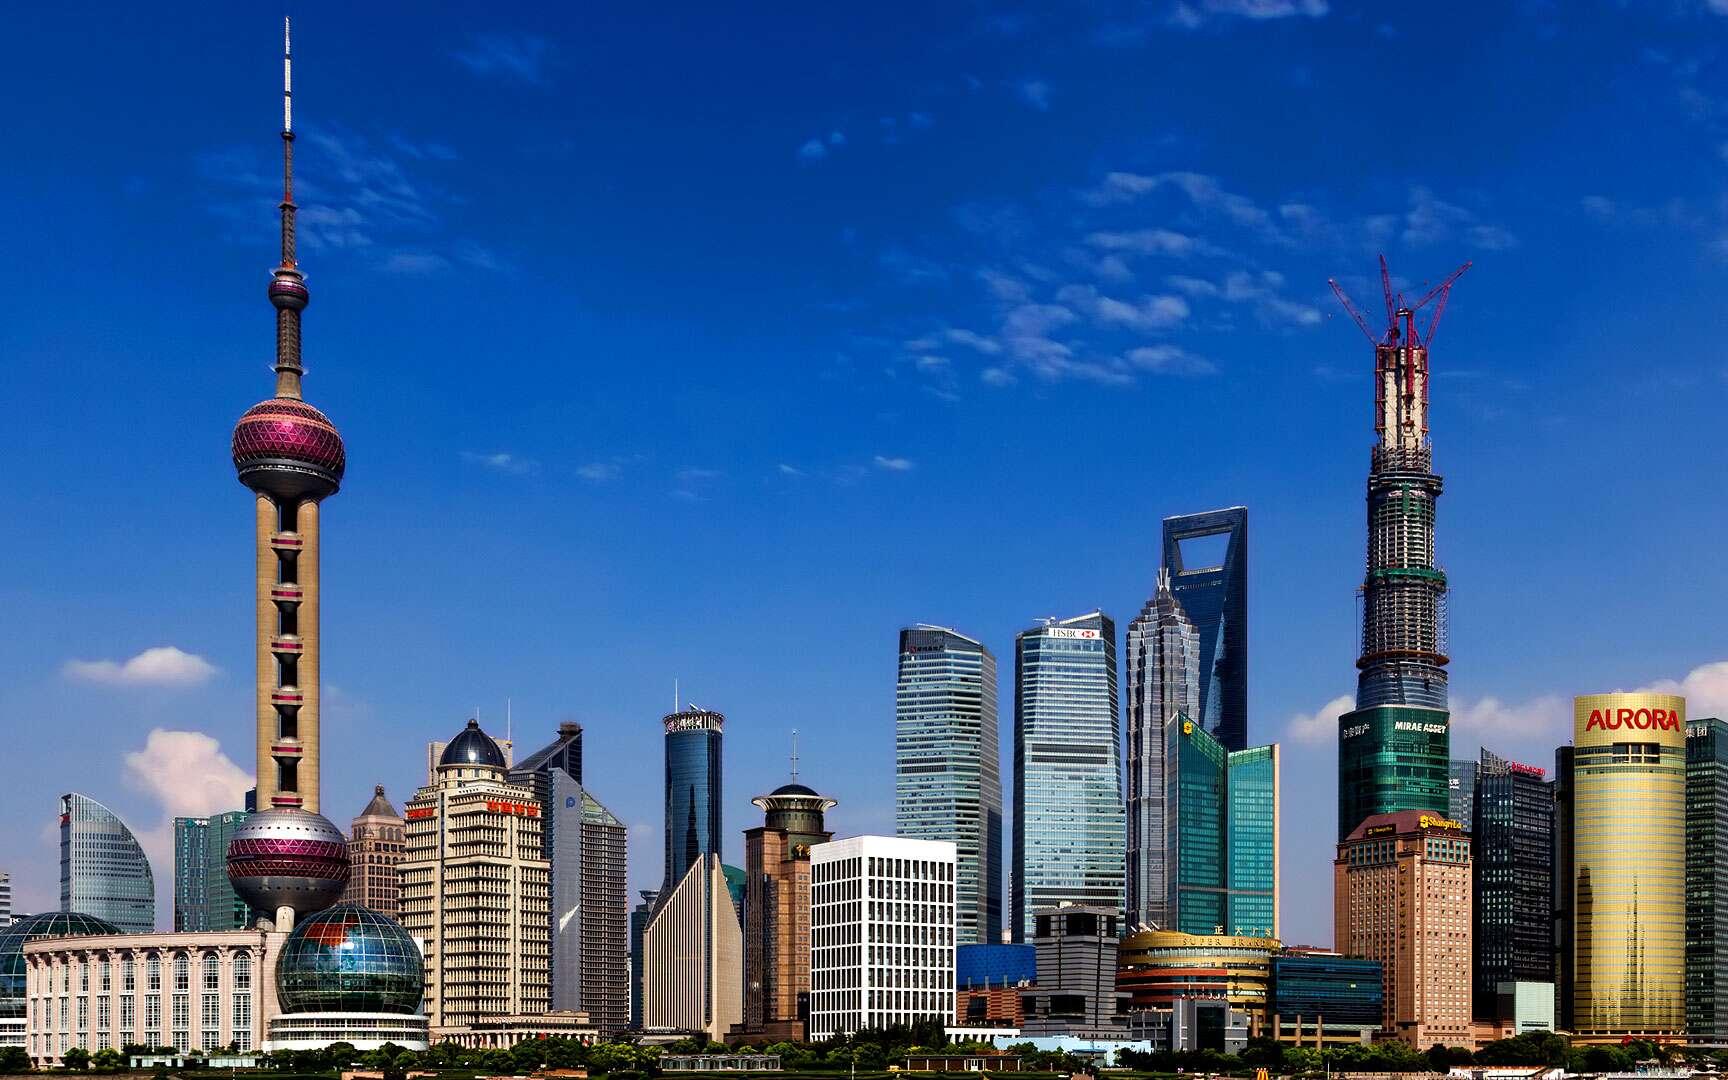 La Perle de l'Orient, à Shangai. Située en Chine, à Shanghai dans le quartier d'affaire de Lujiazui, la Perle de l'Orient est une tour de télévision. Elle possède une forme très particulière avec deux énormes sphères en haut et en bas (à gauche sur l'image). Hauteur : 468 mètres Localisation : Shanghai (Chine) © Martin Pilát, Flickr, CC by-nc-nd 2.0